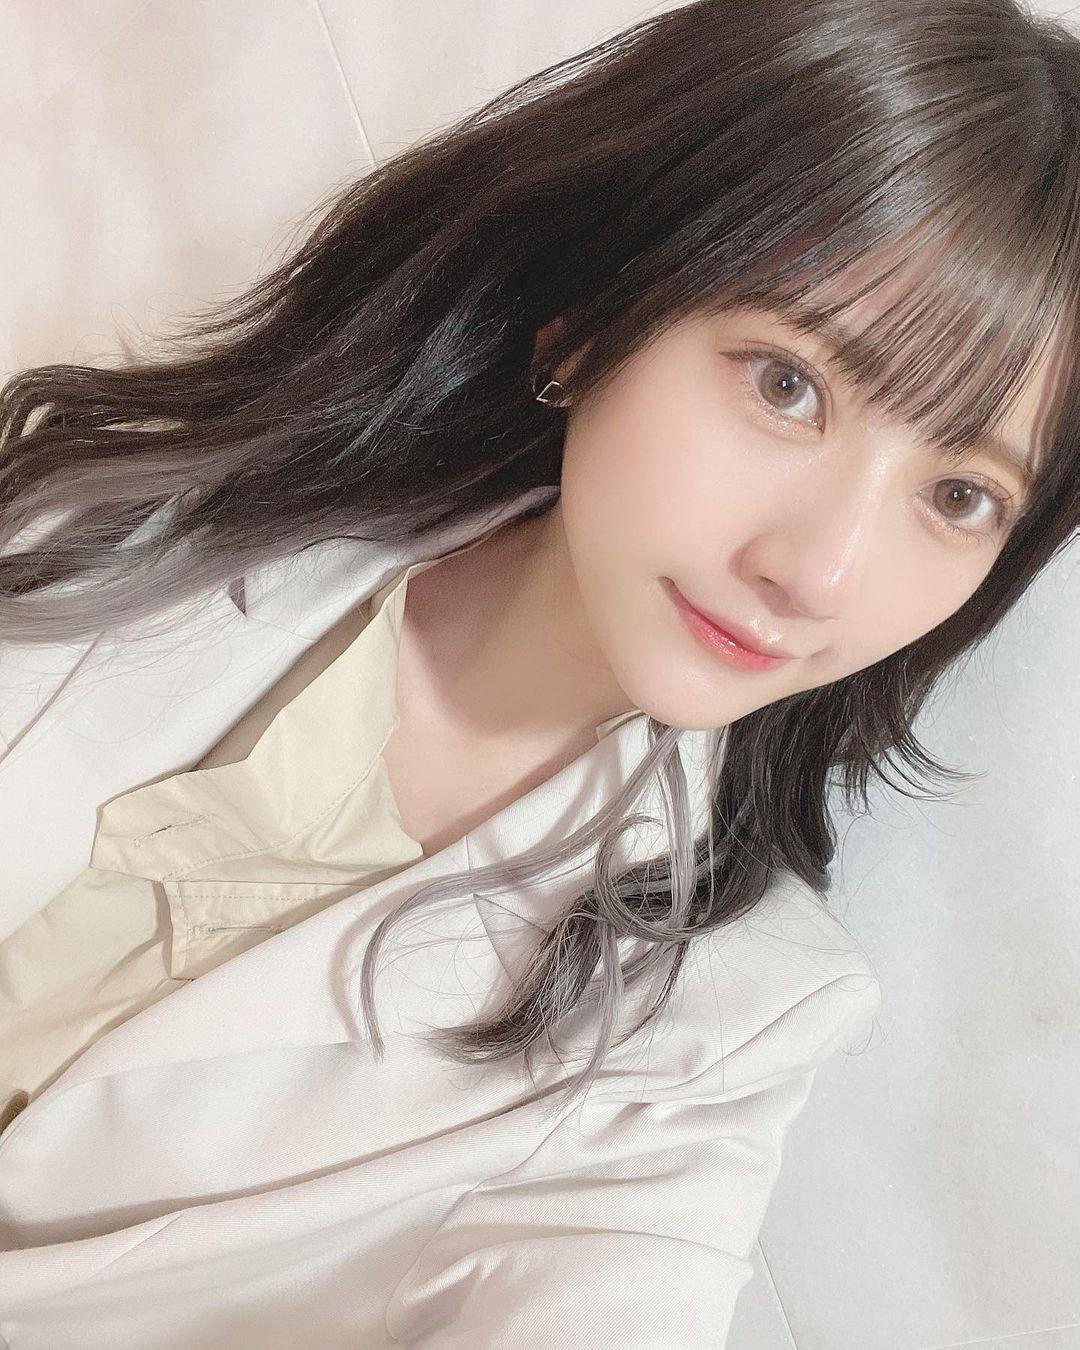 偶像团体HKT48成员「山田麻莉奈」,初恋系女友诠释得淋漓尽致